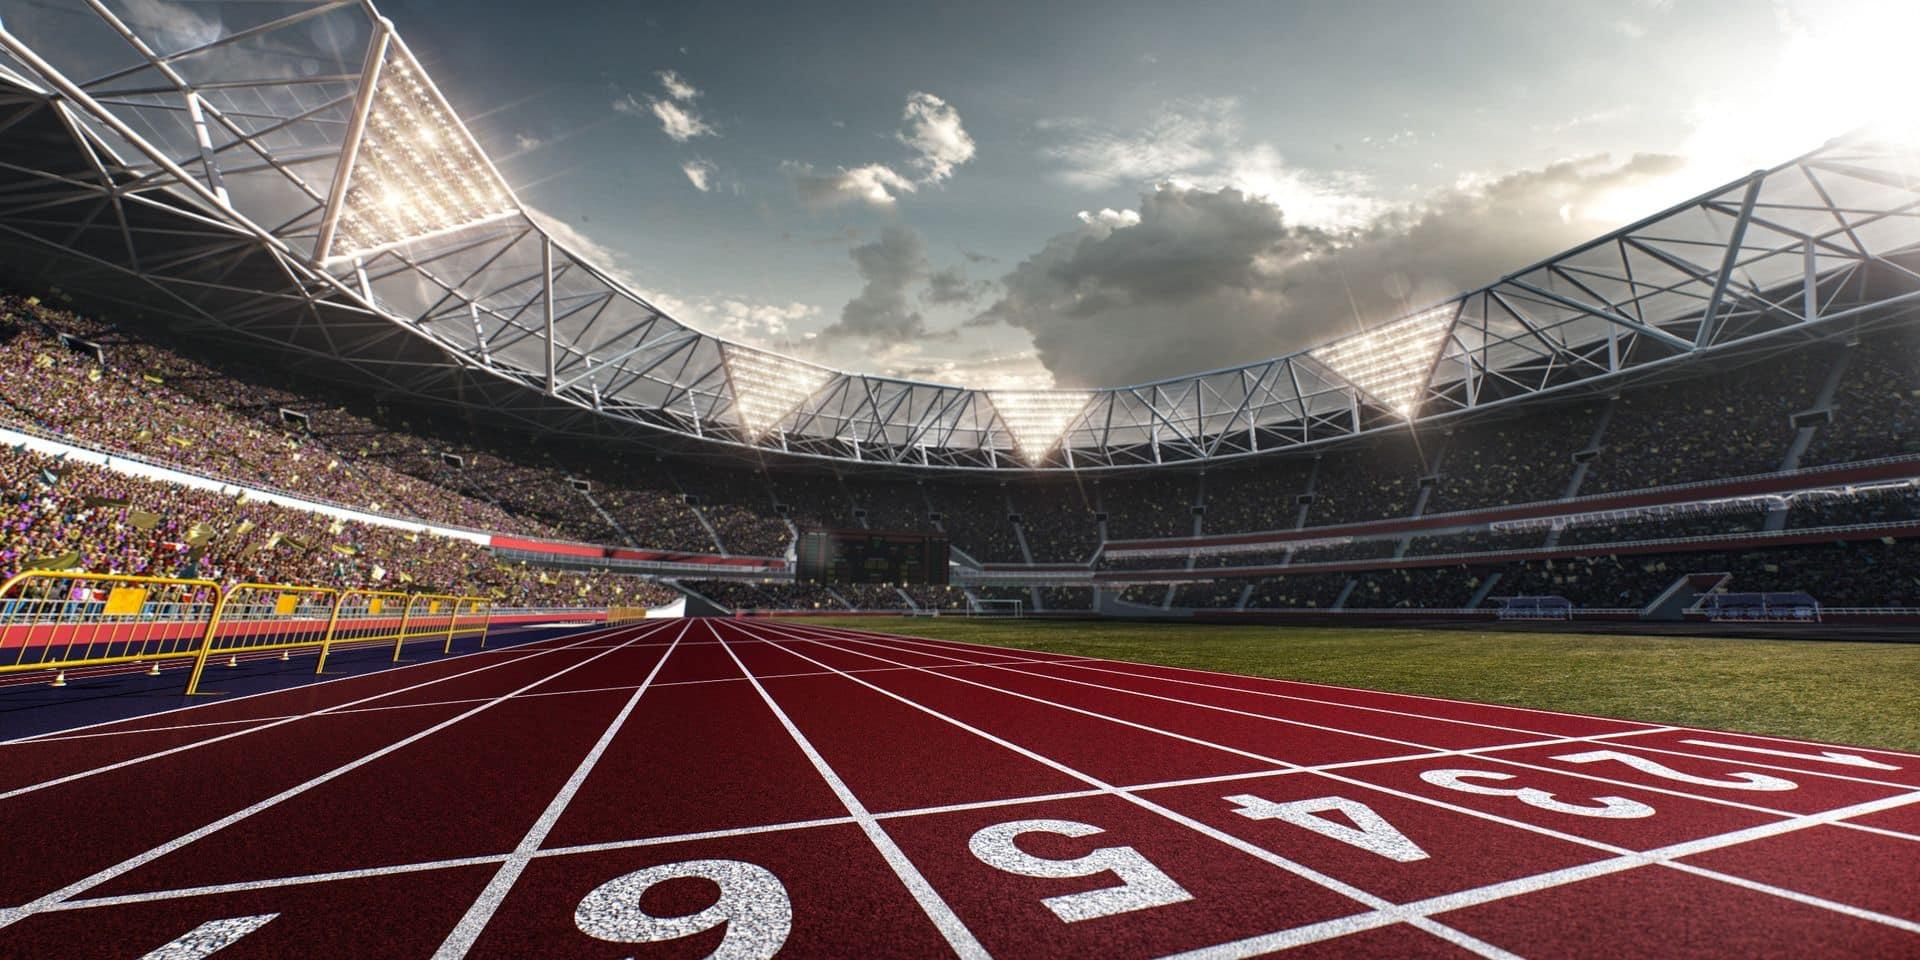 Les Mondiaux d'athlétisme à Eugene se tiendront du 15 au 24 juillet 2022